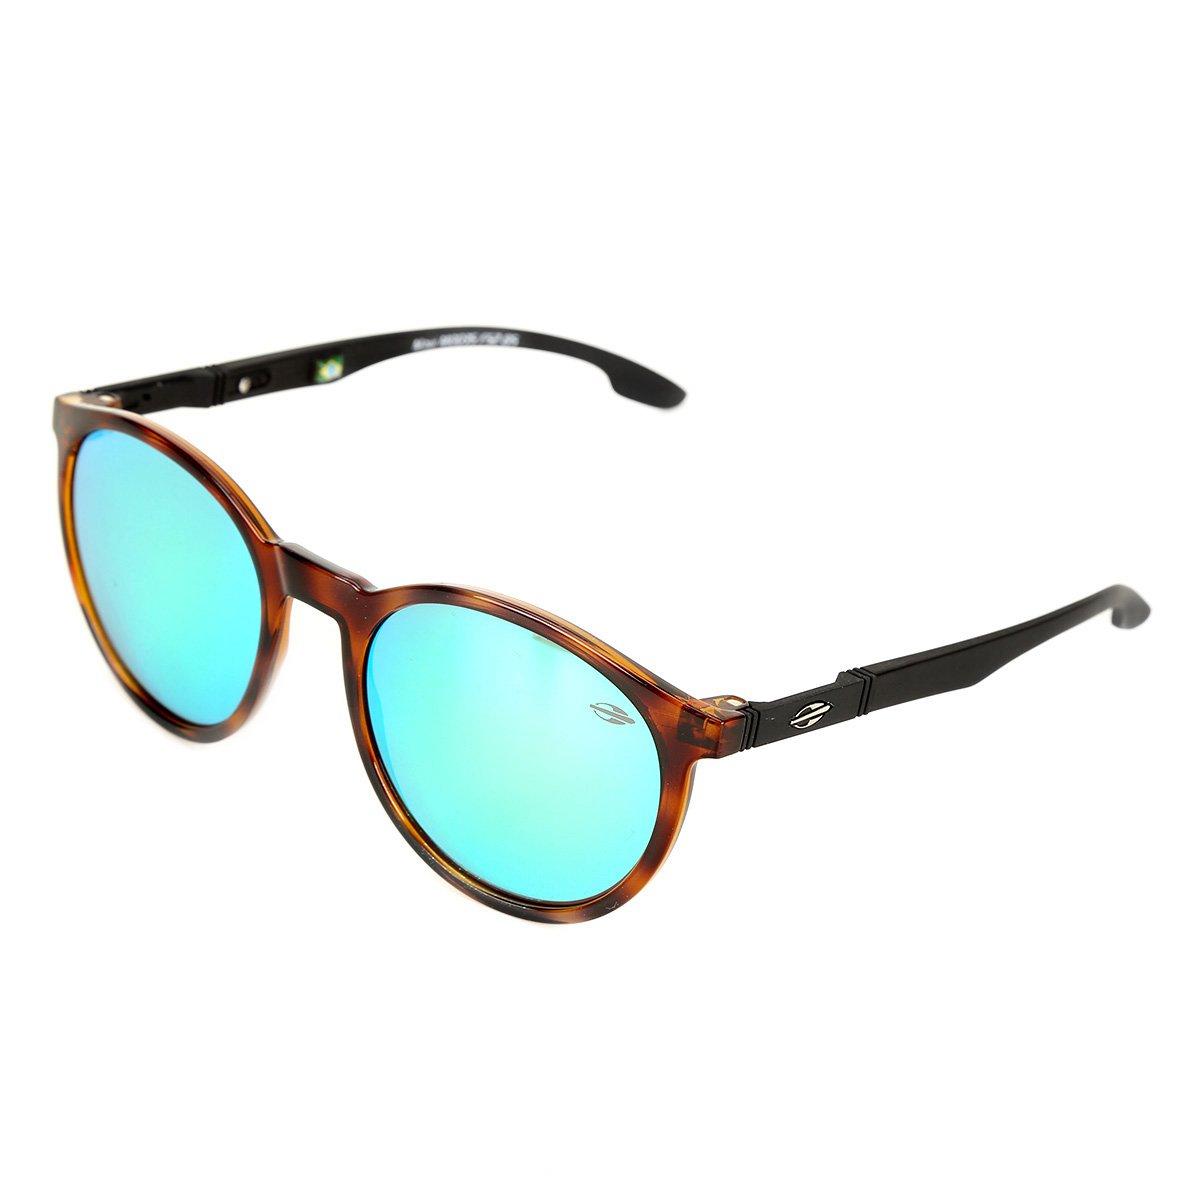 50f8d9e62 Óculos De Sol Mormaii Maui Demi Brilho Feminino